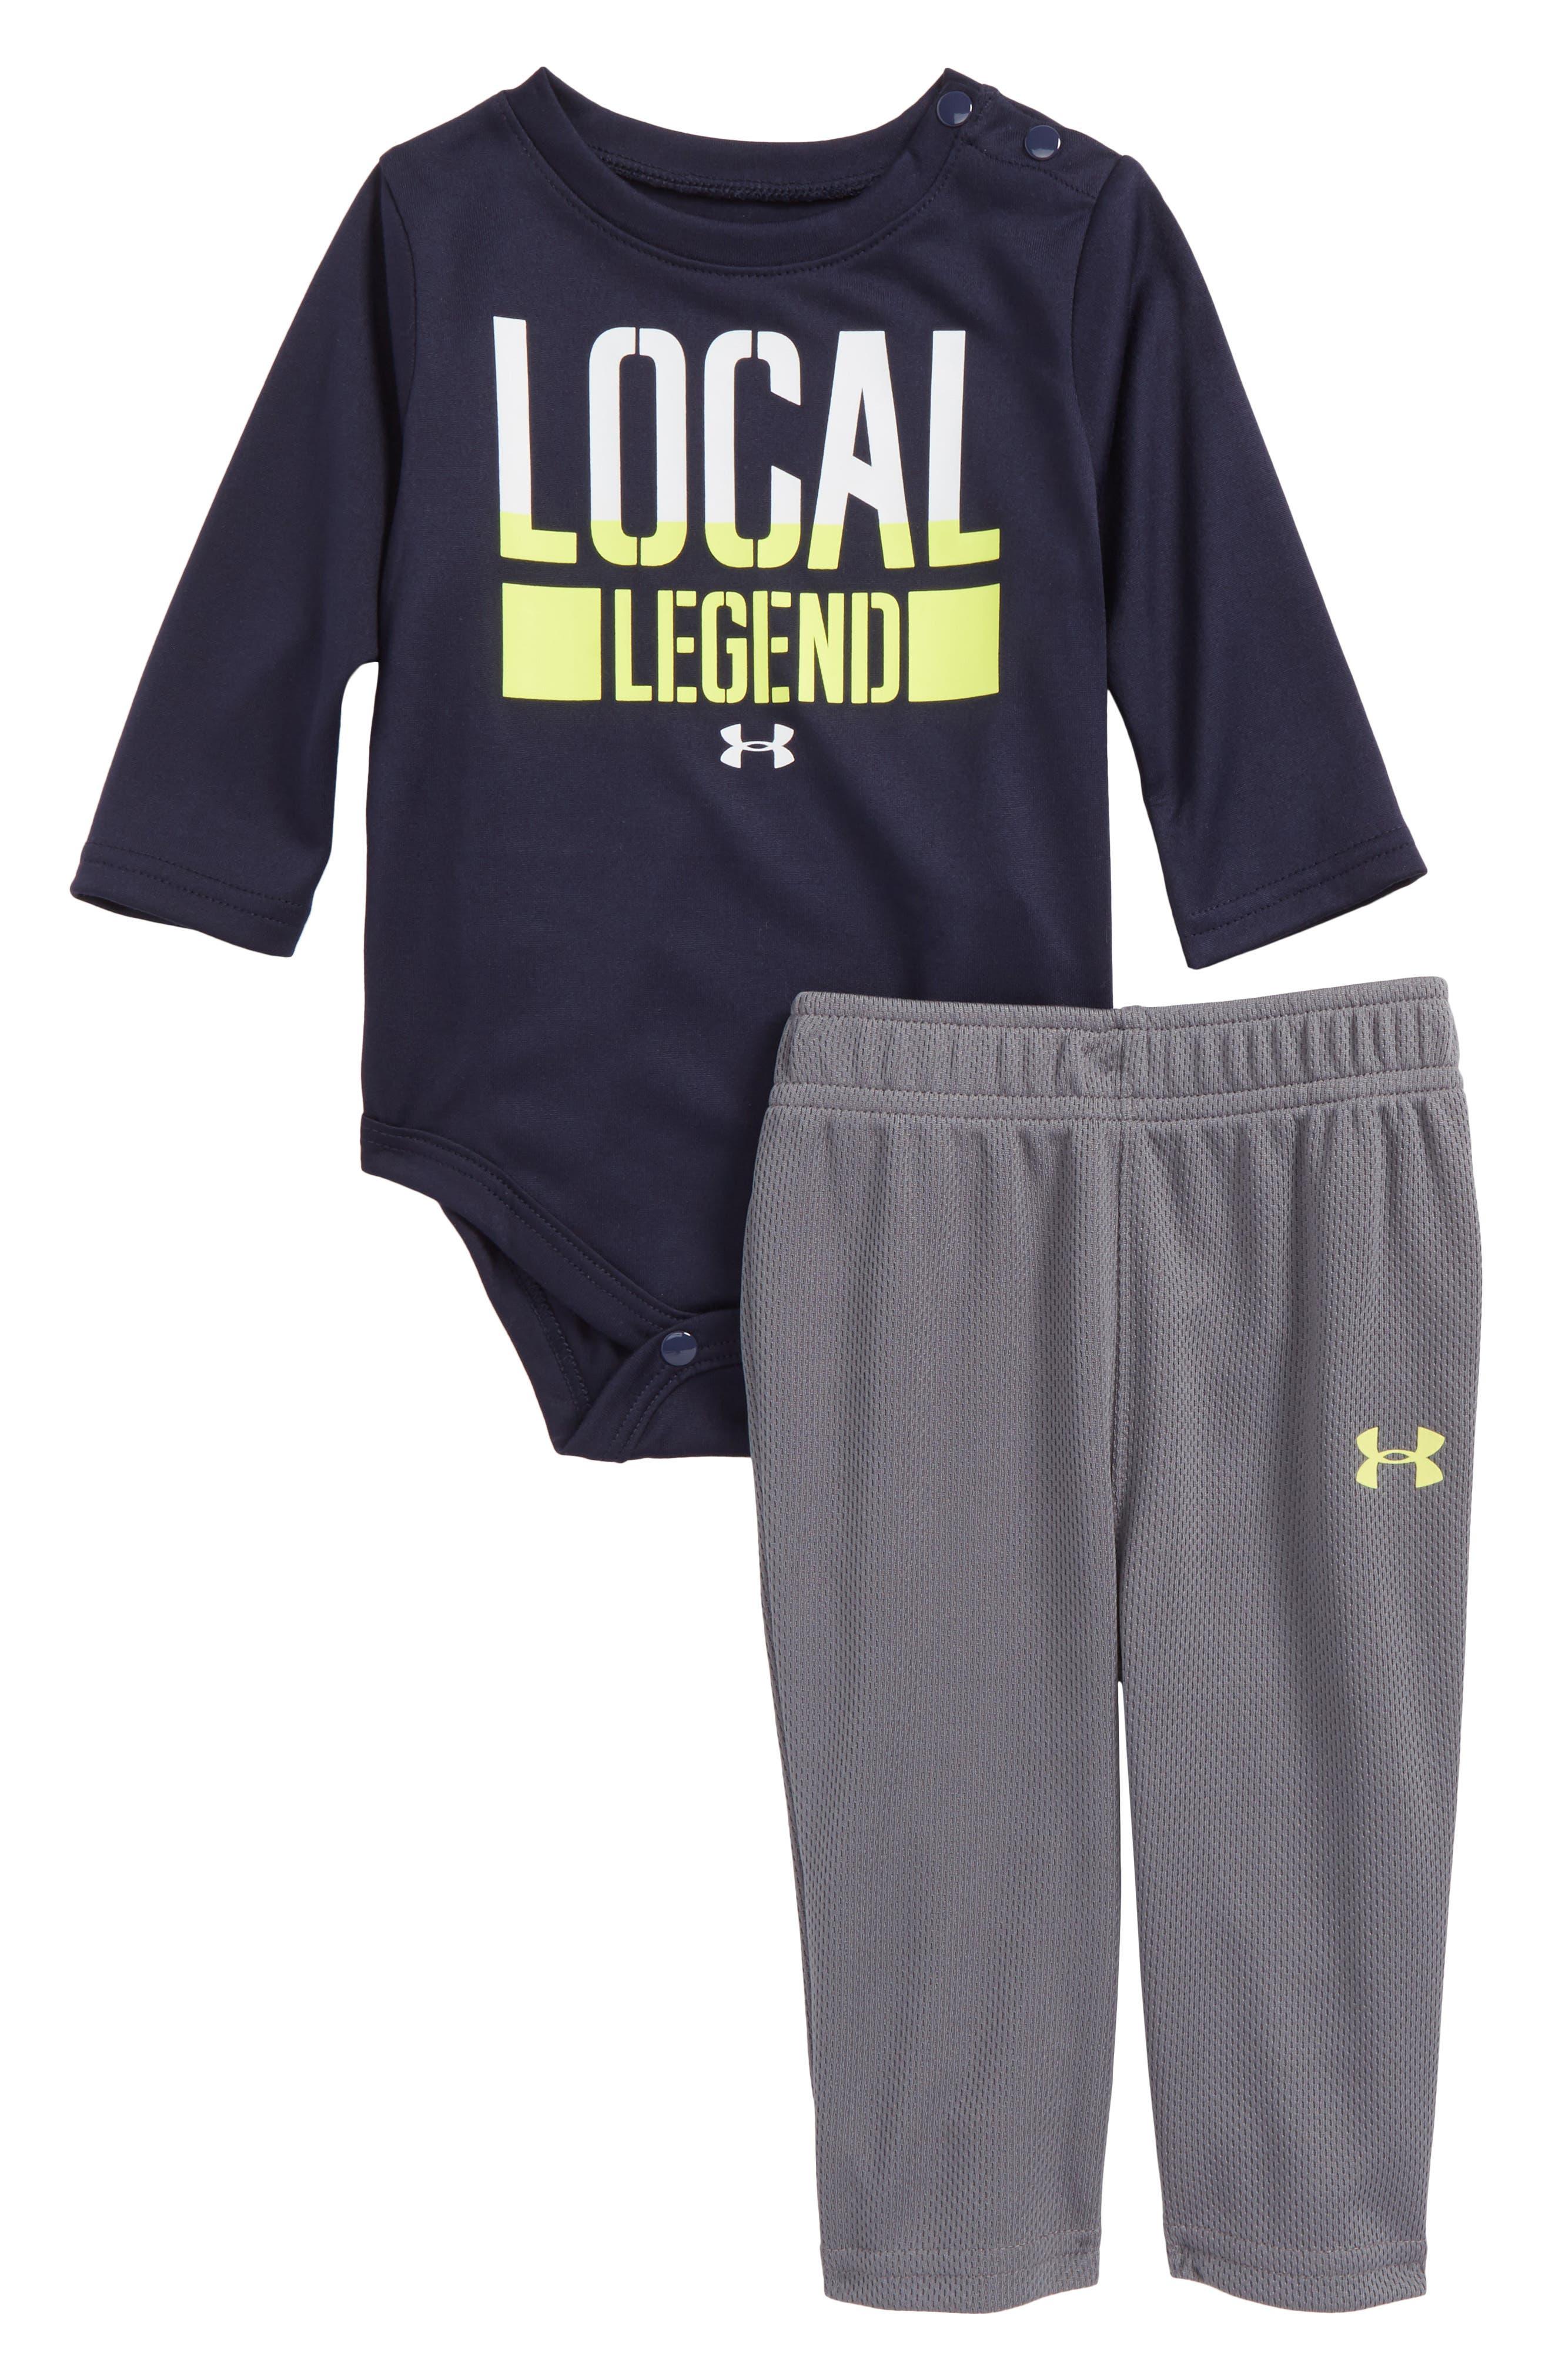 Under Armour Local Legend Bodysuit & Pants Set (Baby Boys)